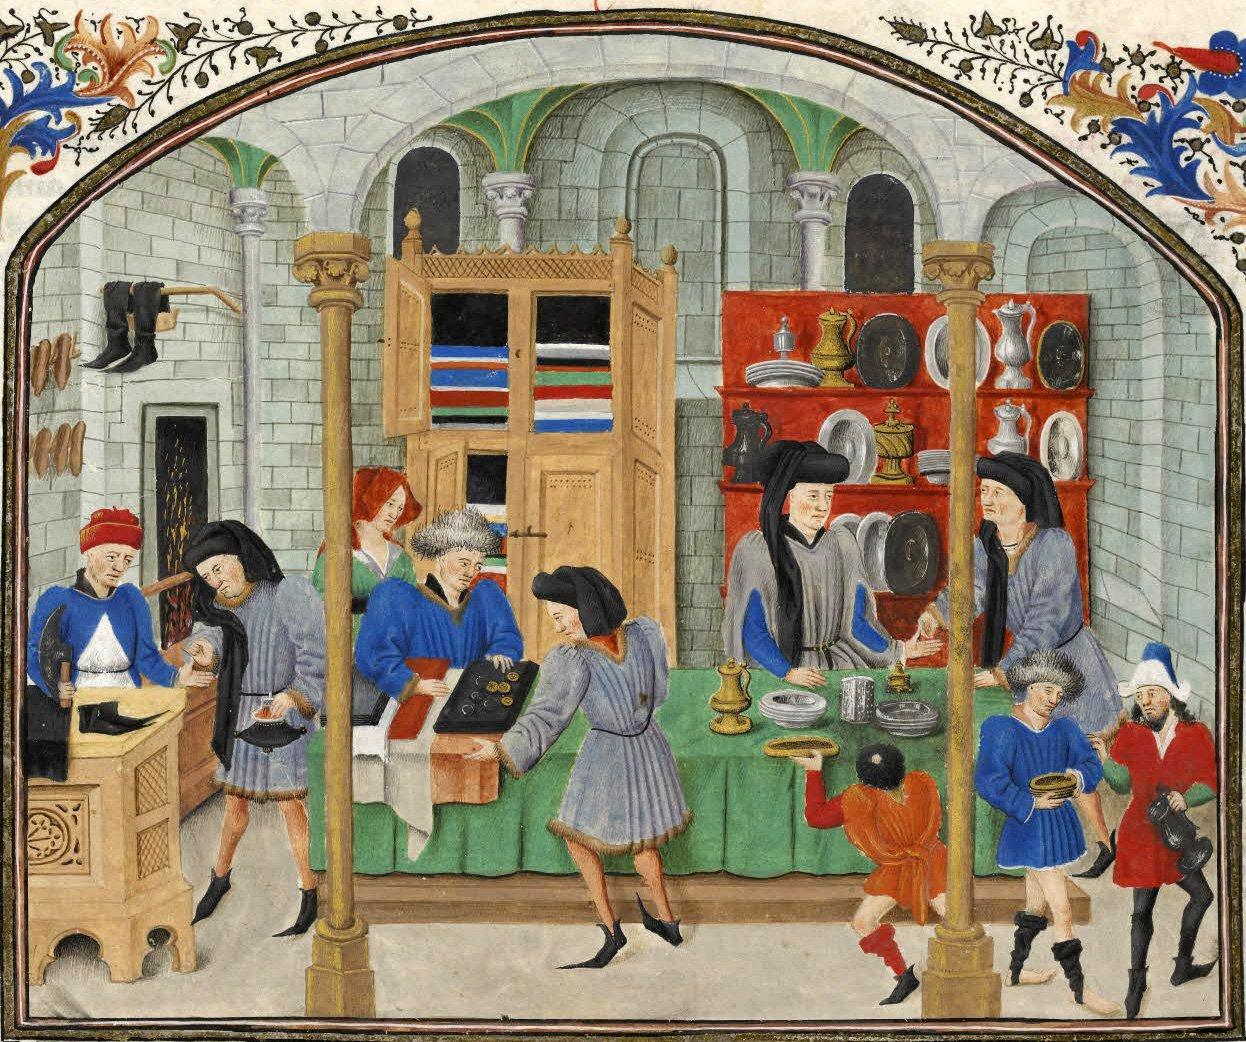 Gammelt maleri fra 1500 tallet, strikkeprodukter selges på marked